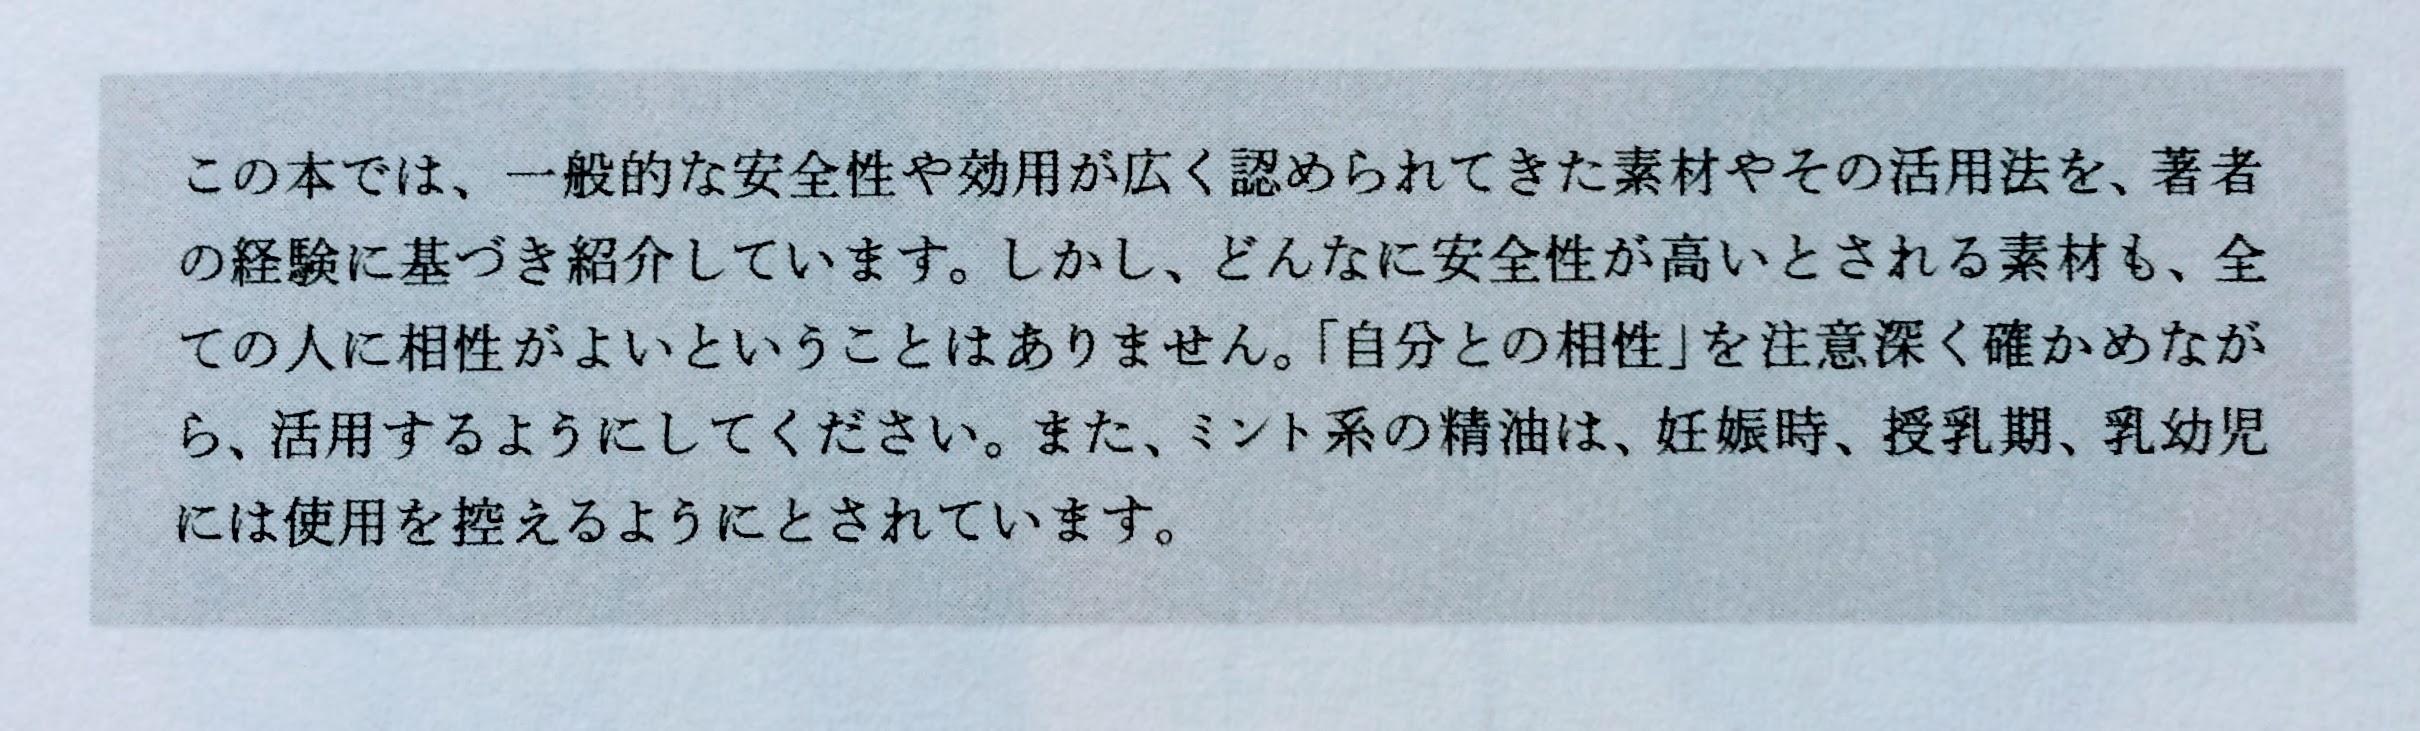 前田京子「はっか油の愉しみ」妊娠中(妊婦)、授乳期、乳幼児には使用を控えること